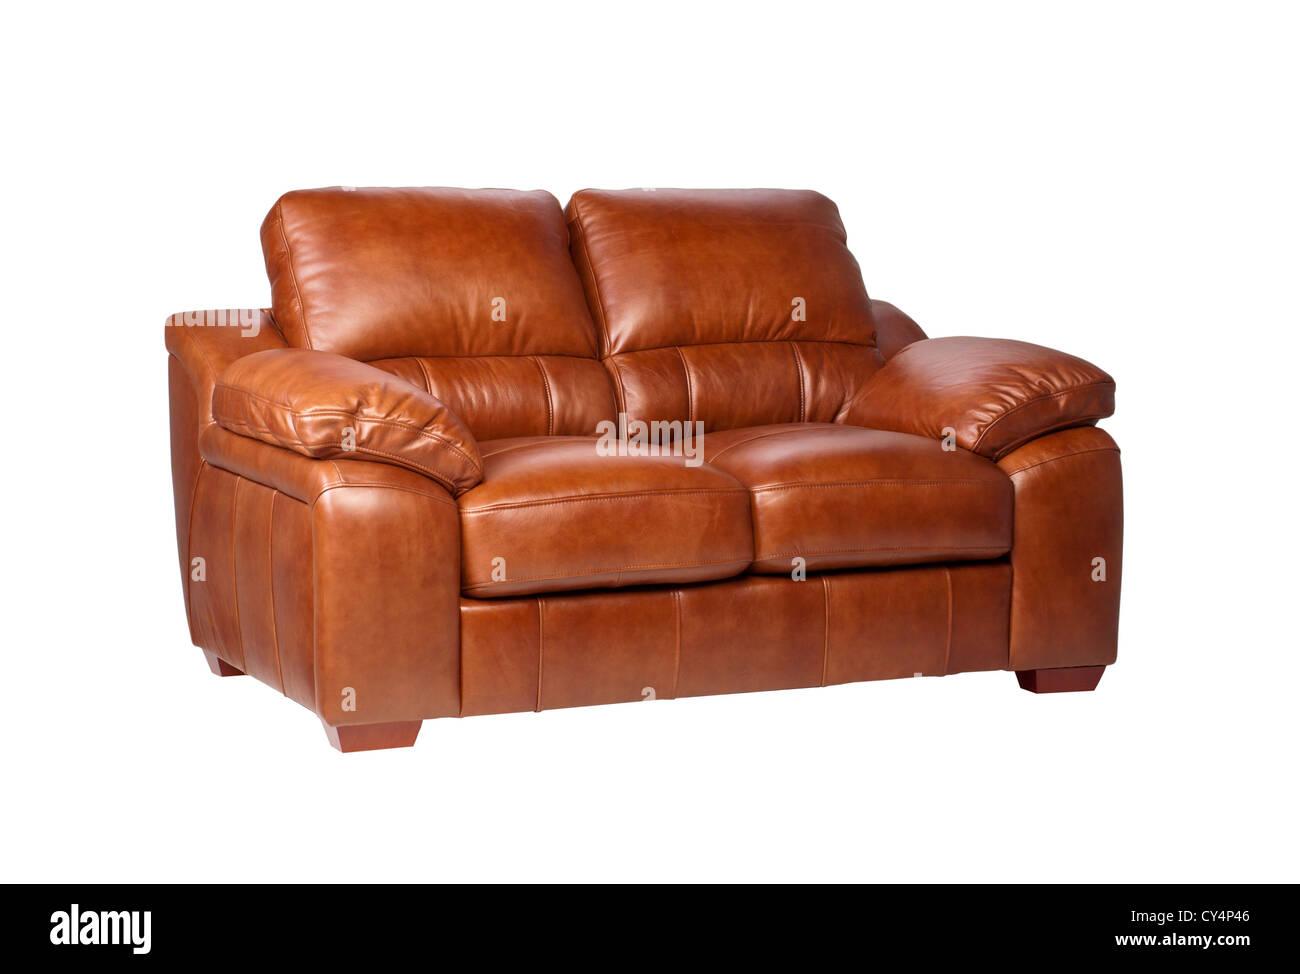 Beau canapé en cuir marron de luxe et les grands meubles en cuir Photo Stock